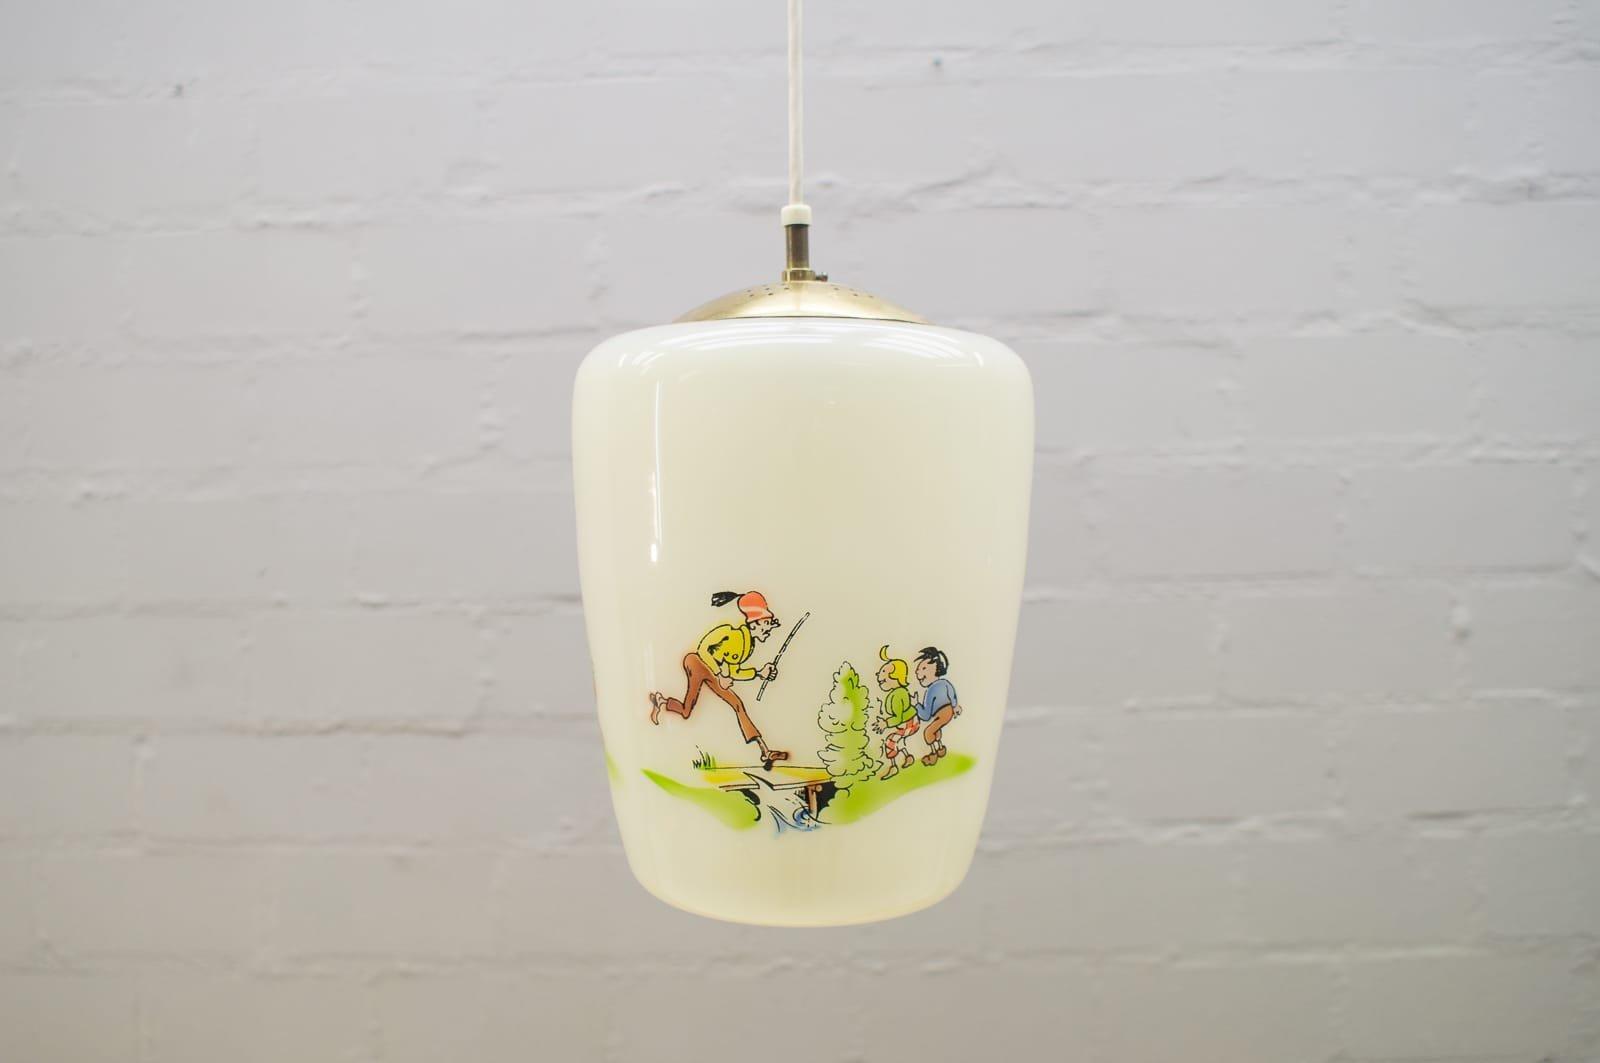 Glaslampe mit handgemaltem Max & Moritz Motiv, 1950er